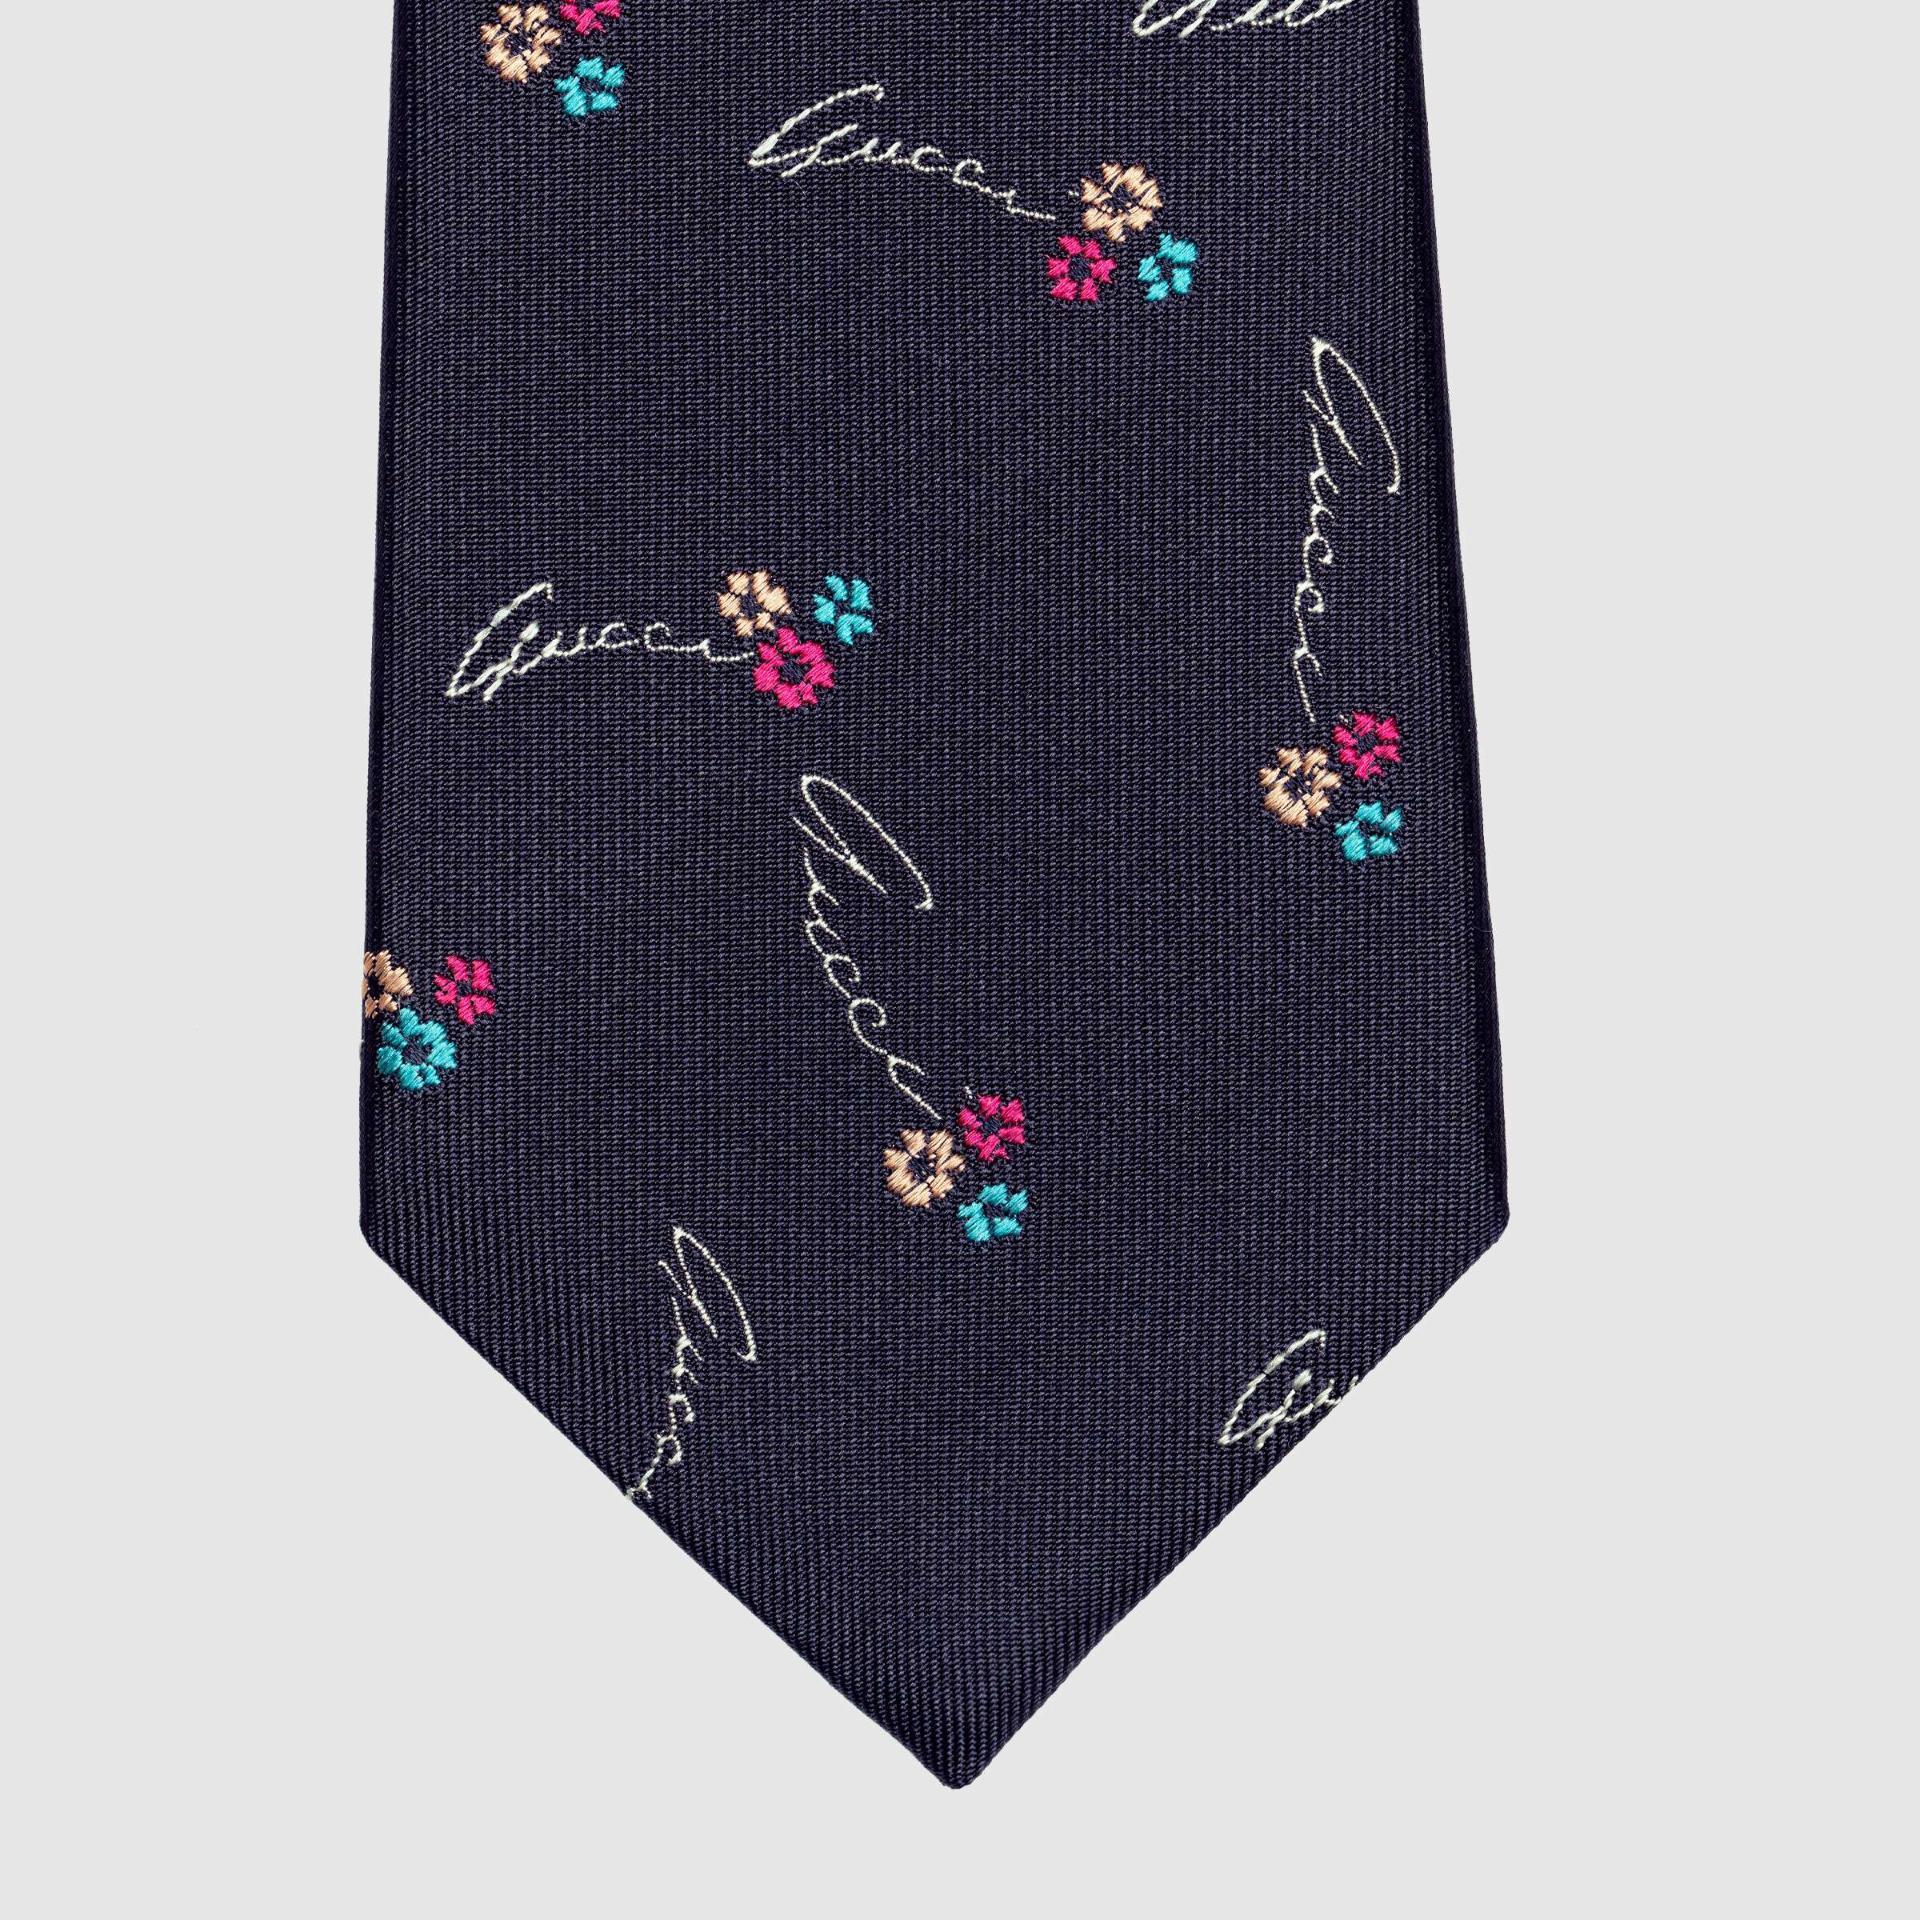 유럽직배송 구찌 GUCCI Gucci - Gucci flowers silk tie 5970964E0024000